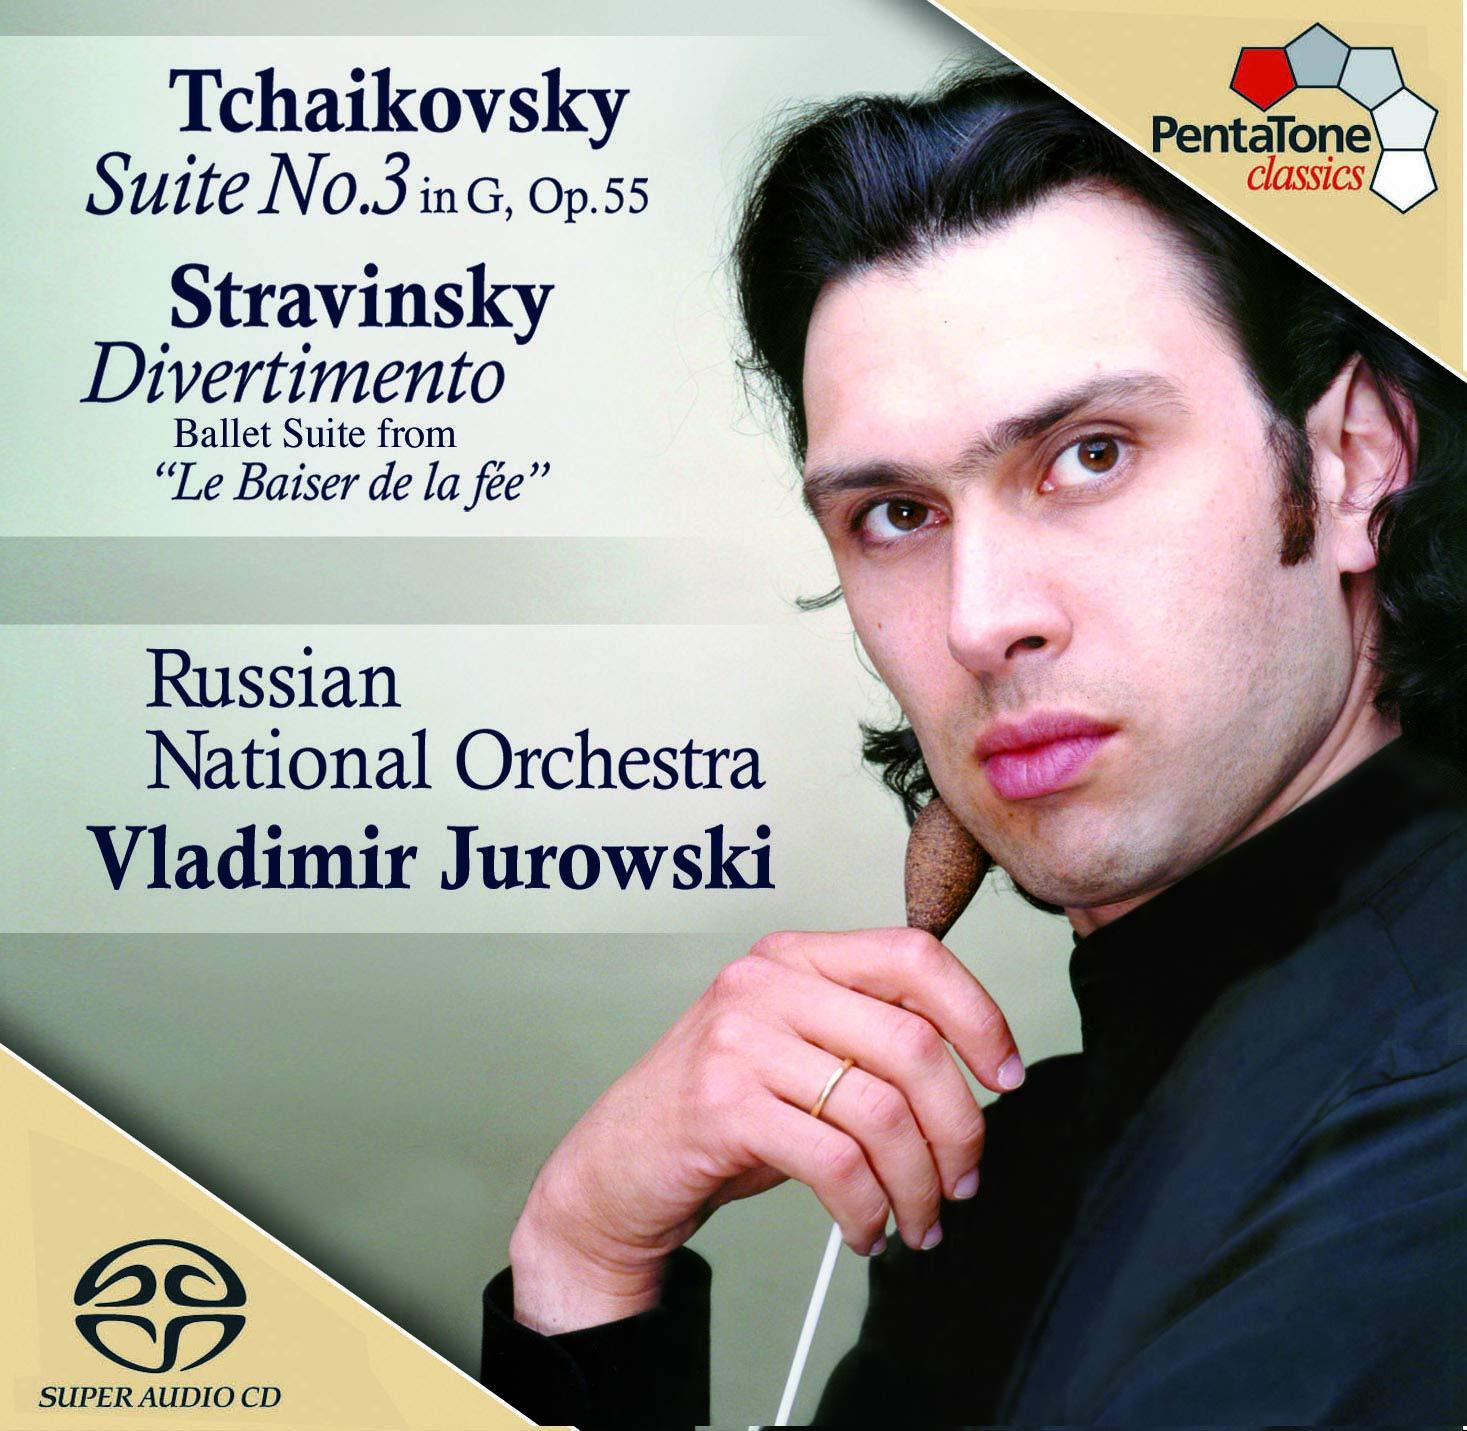 TCHAIKOVSKY SUITE No 3 in G major Op55 min score